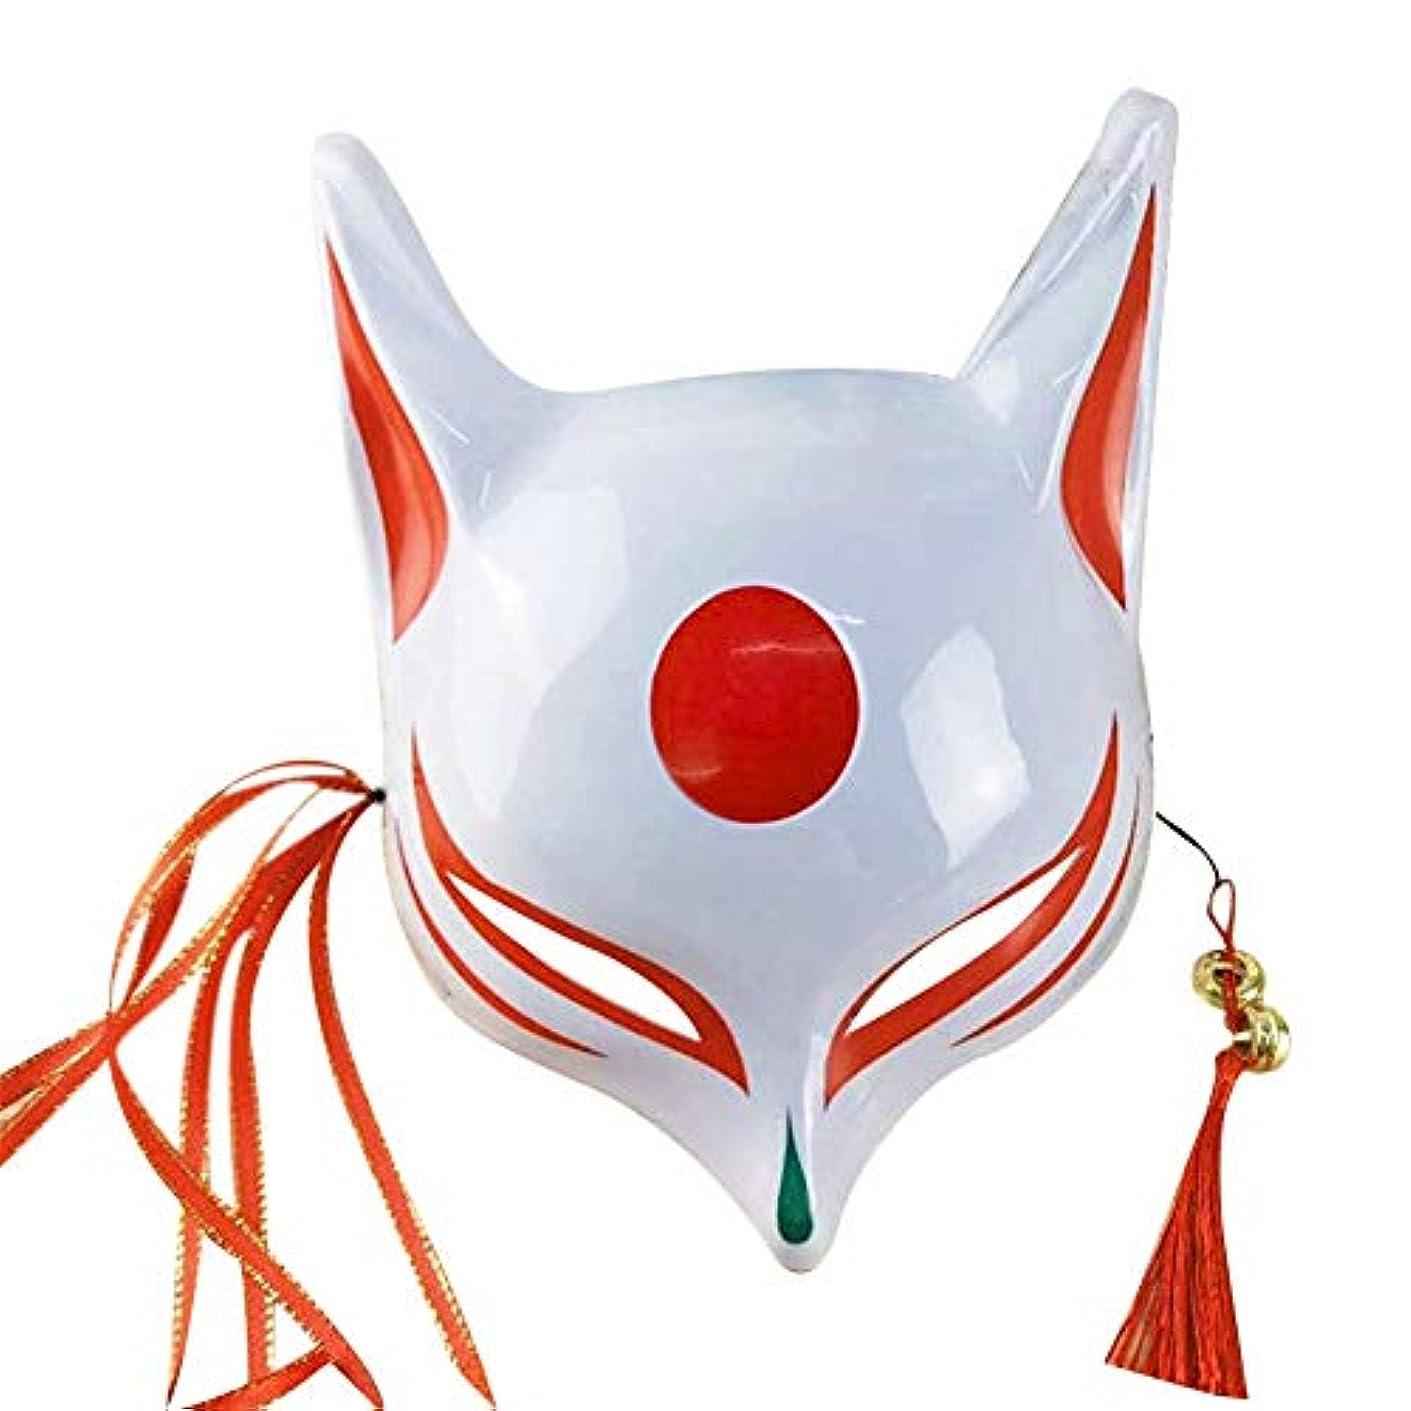 行政不快なすることになっているKISSION手描きのマスクフォックスハーフフェイスマスクロールプレイ仮装ドレスアップ マスクバーパーティー キツネの妖精の半分の顔 和風の手描き